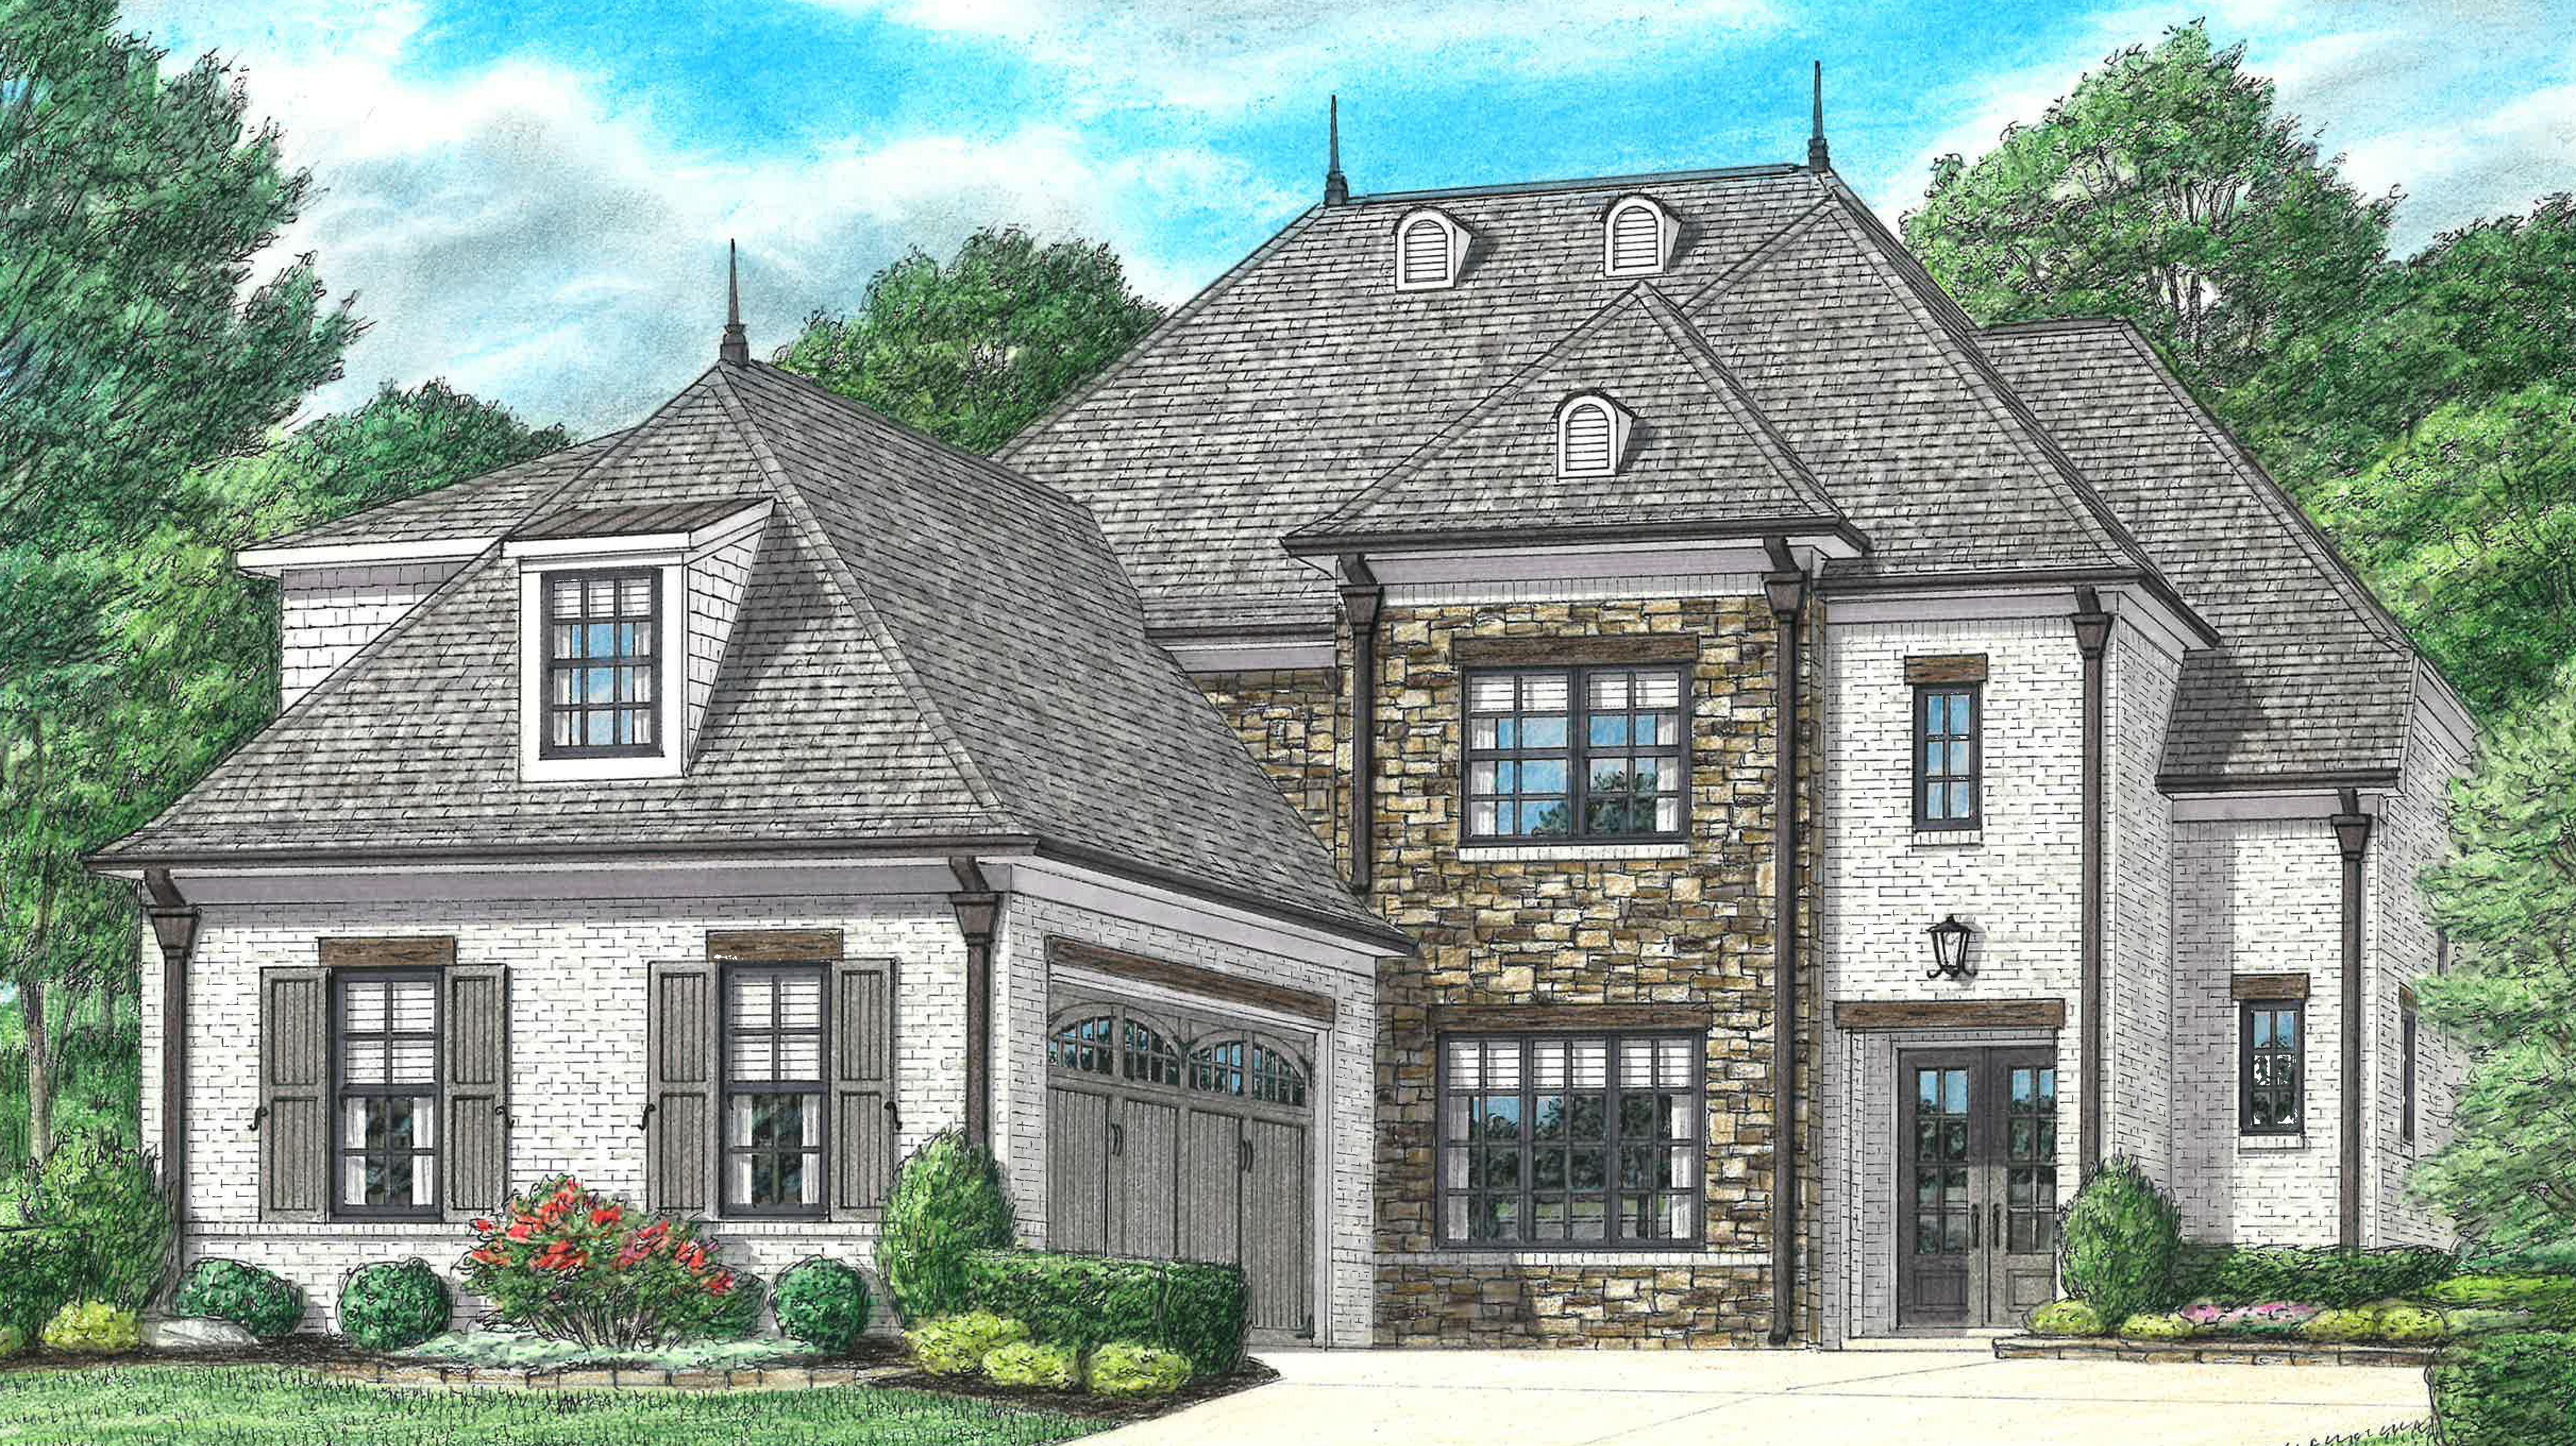 单亲家庭 为 销售 在 Parkview - Mclean 665 Covington Walk Lane South Collierville, Tennessee 38017 United States